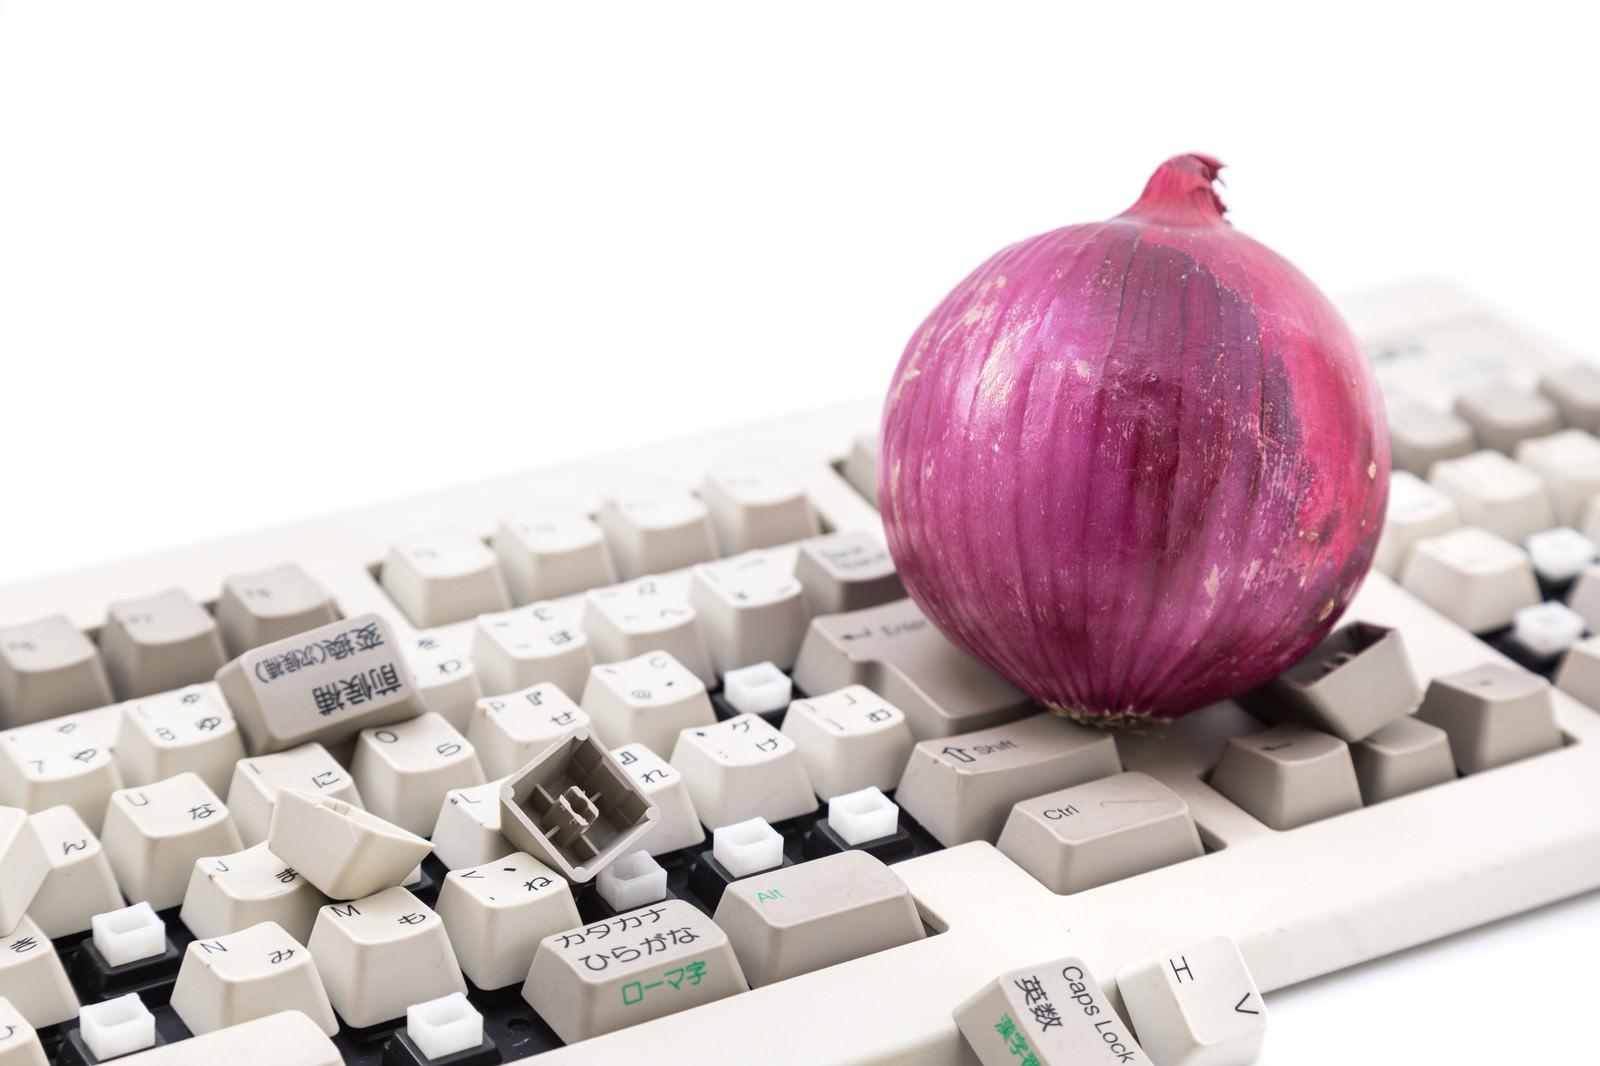 「紫玉葱と操作出来なくなったキーボード紫玉葱と操作出来なくなったキーボード」のフリー写真素材を拡大